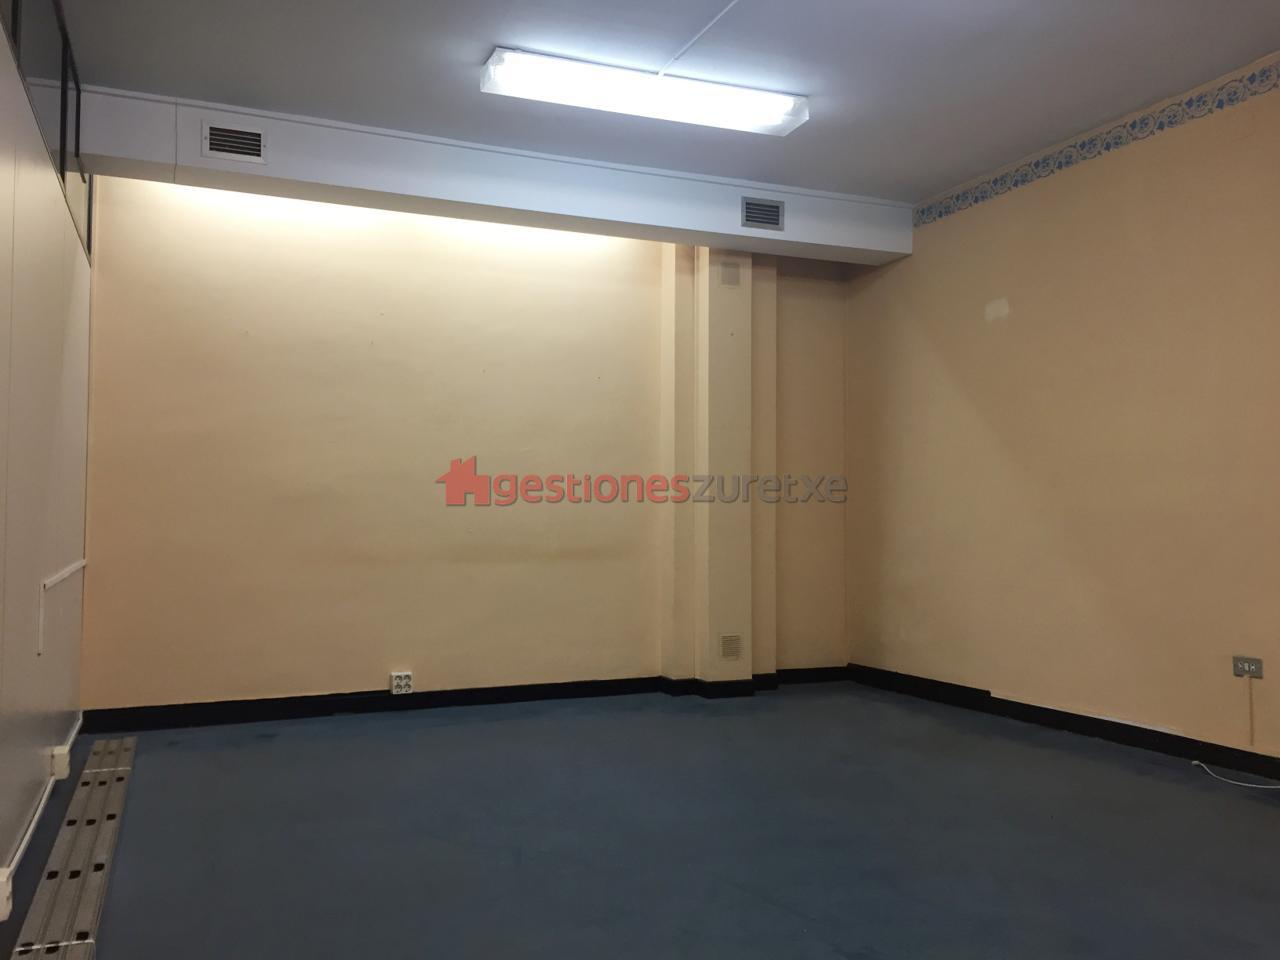 Gestiones zuretxe inmobiliaria en bilbao y gran bilbao for Chimenea fundicion pisos alquiler deusto